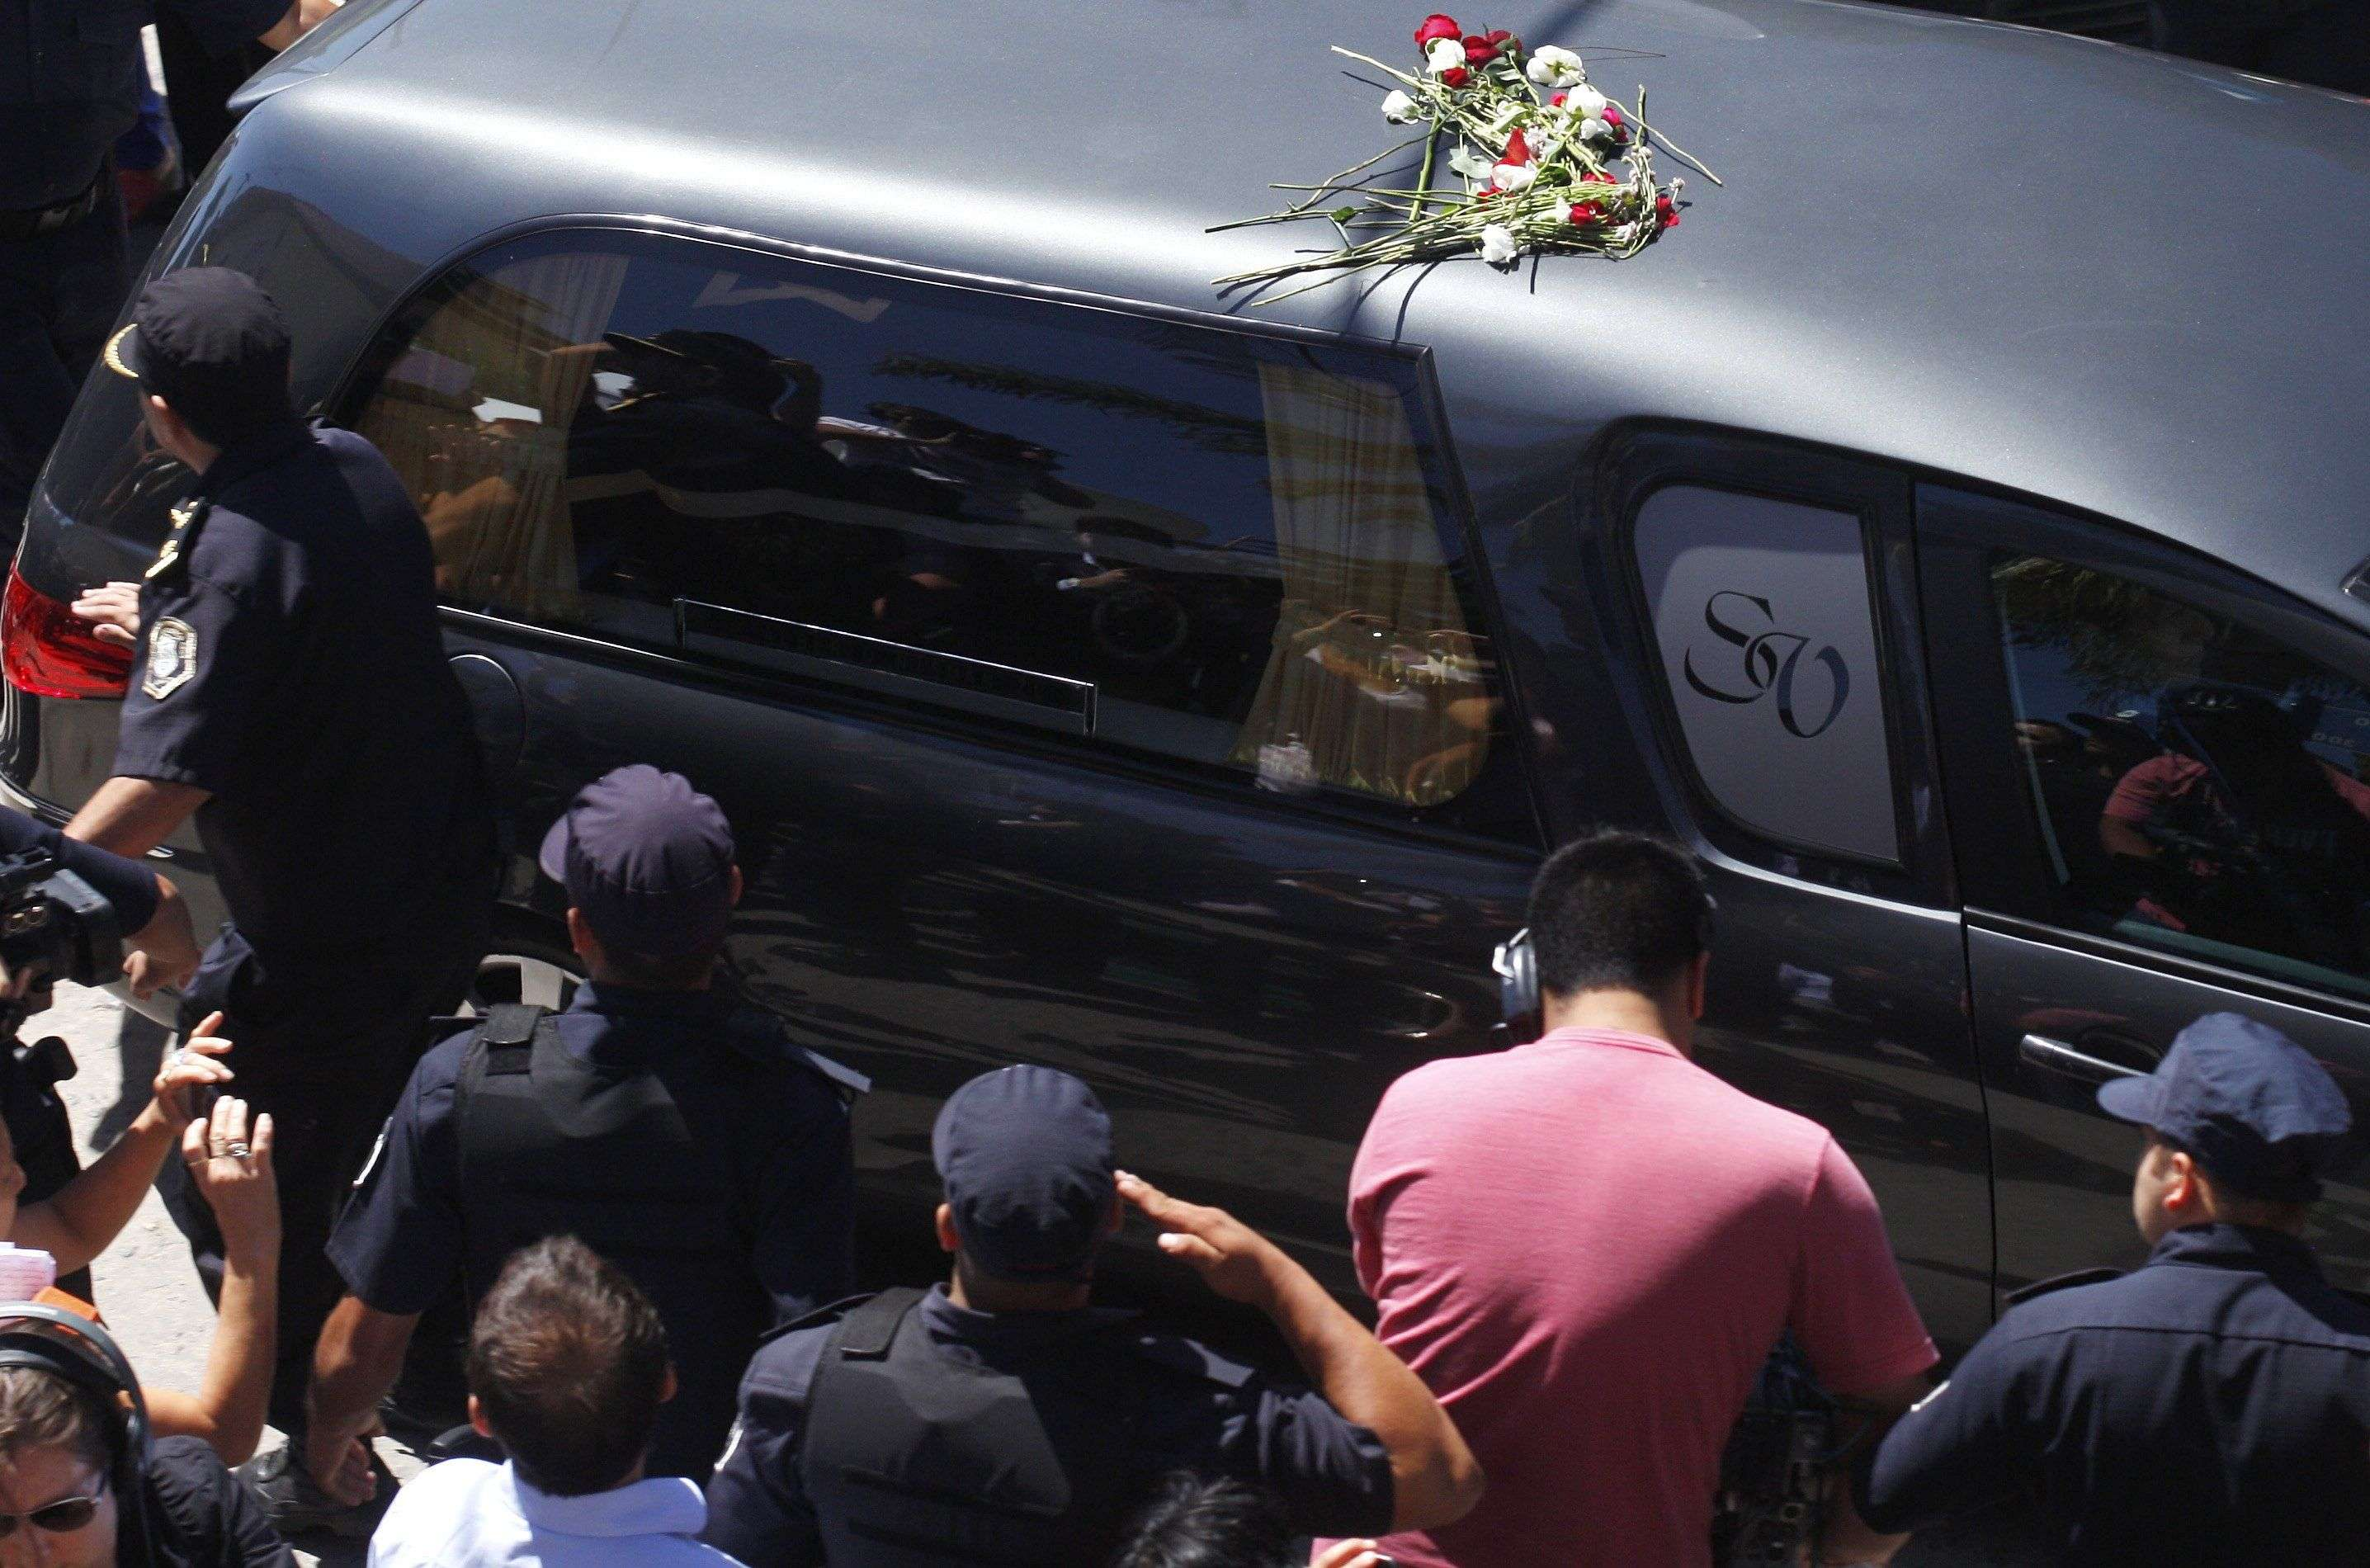 El cortejo fúnebre estuvo acompañado de un fuerte operativo policial Foto: Reuters